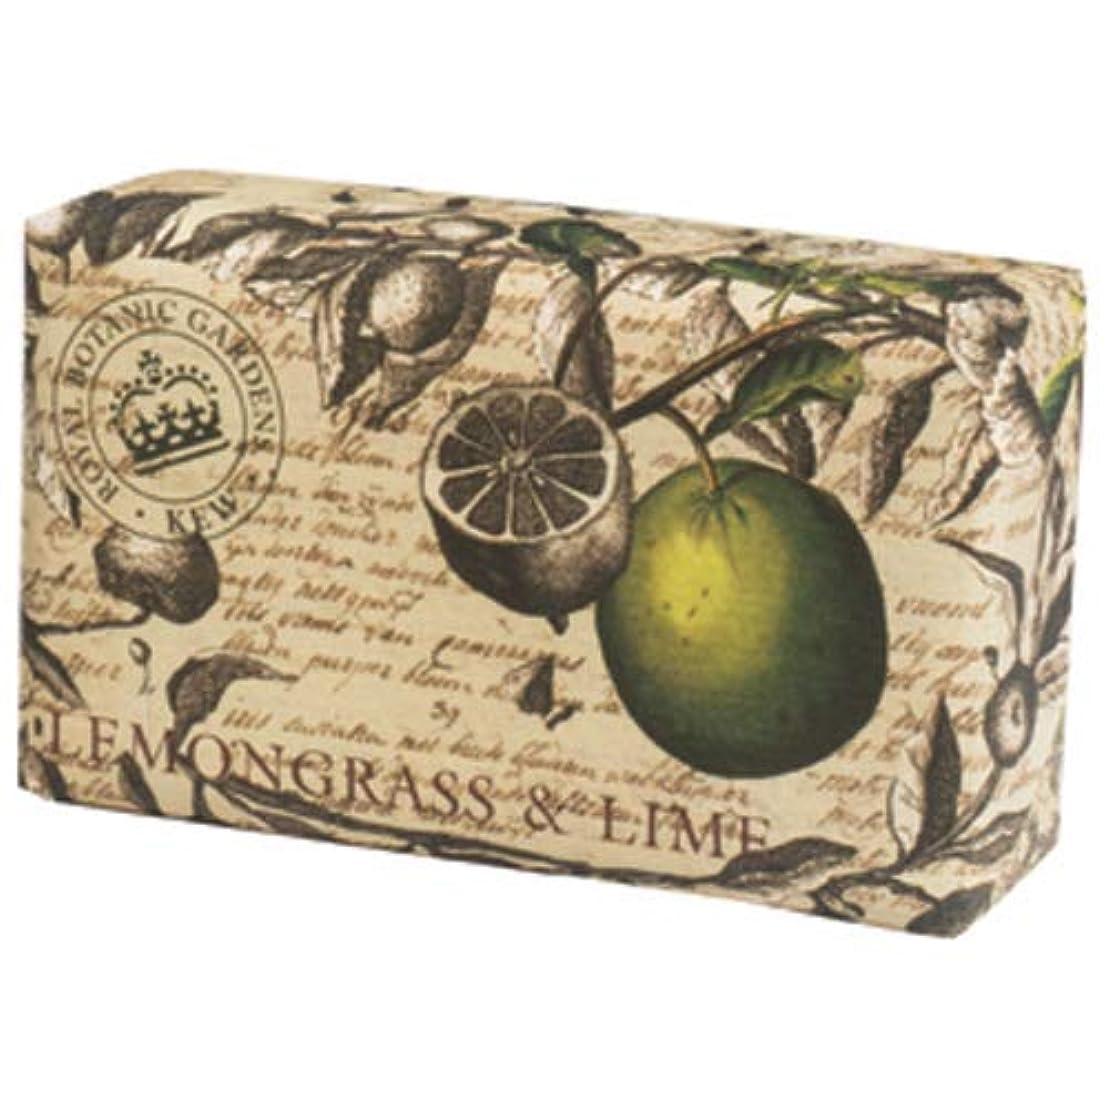 防止磁石濃度English Soap Company イングリッシュソープカンパニー KEW GARDEN キュー?ガーデン Luxury Scrub Soaps スクラブソープ Lemongrass & Lime レモングラス&ライム